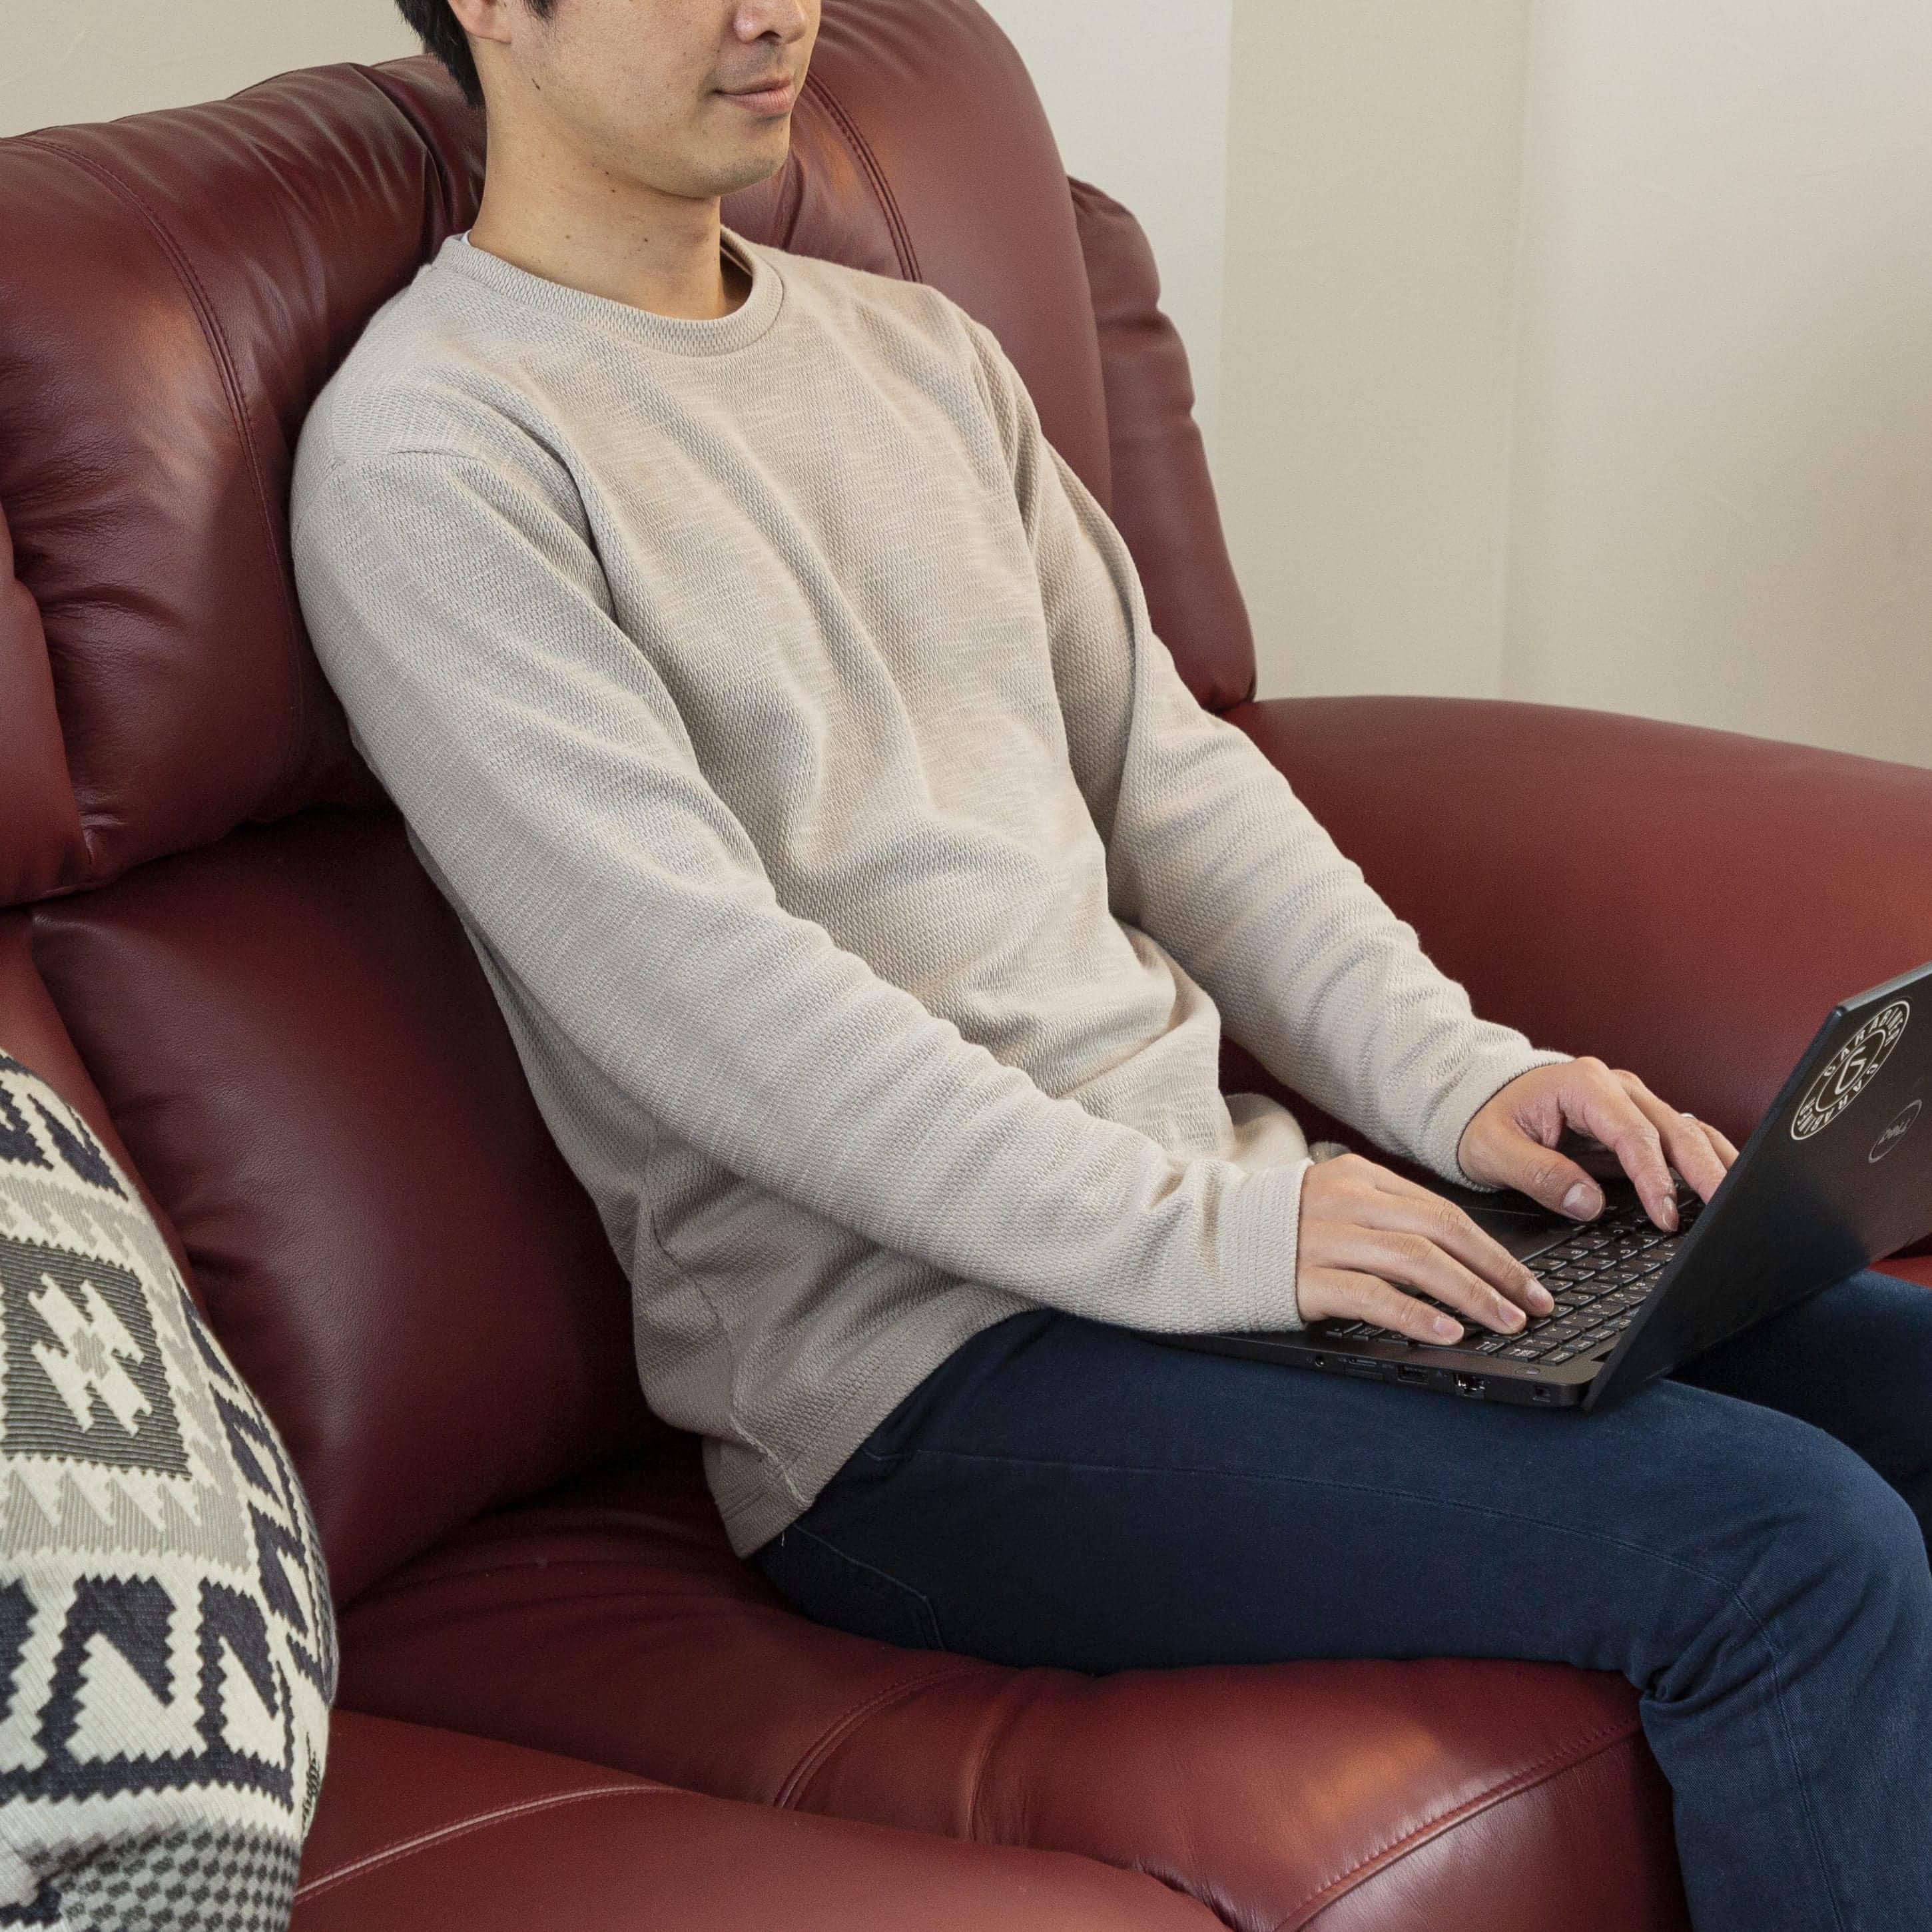 2.5人掛けソファー デビュー068PRM 2.5S SEMIWN:本物の革の質感を贅沢に堪能